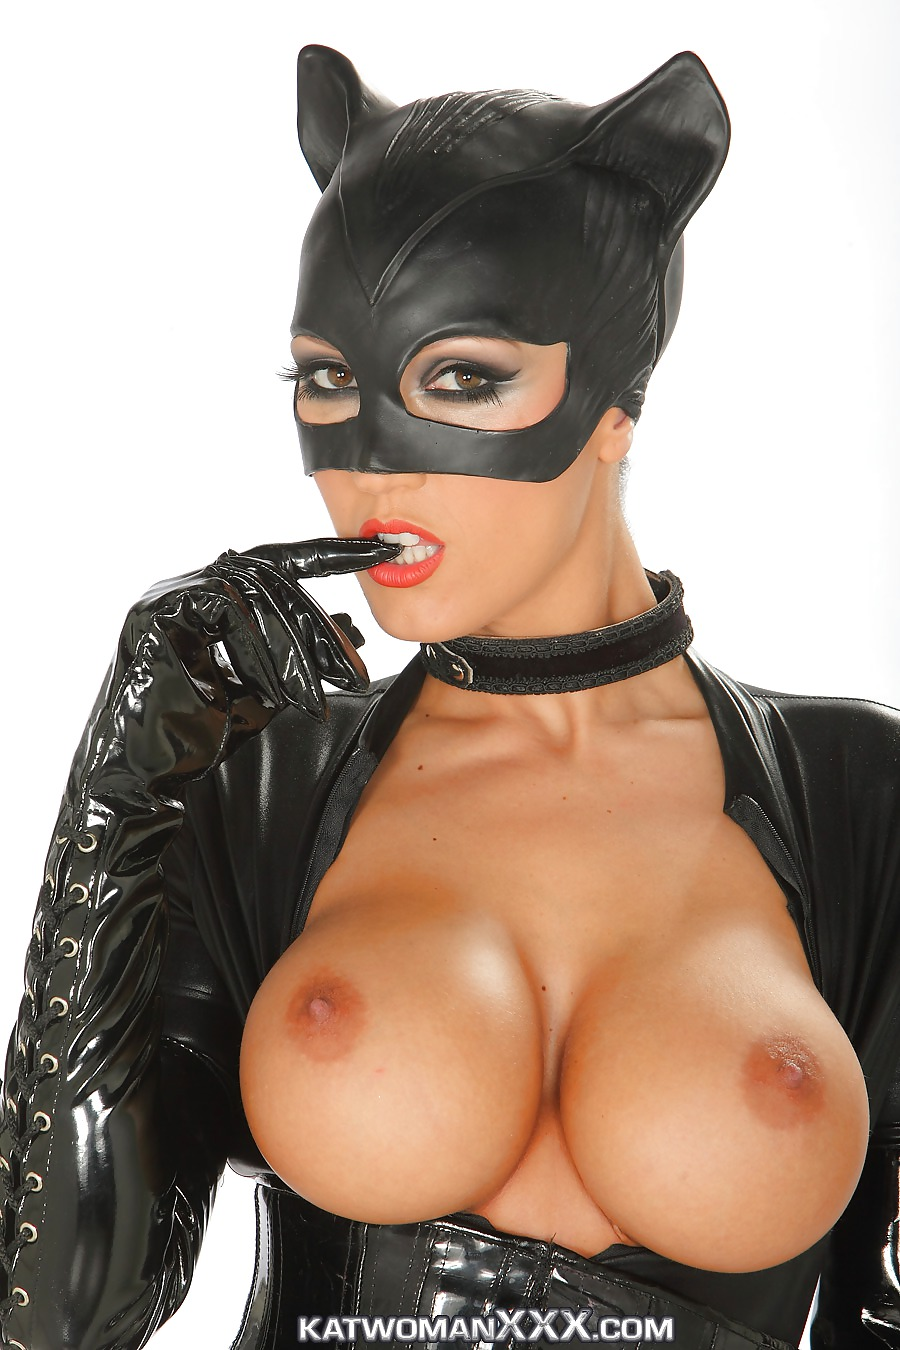 Catwoman mobil porn hentai scene